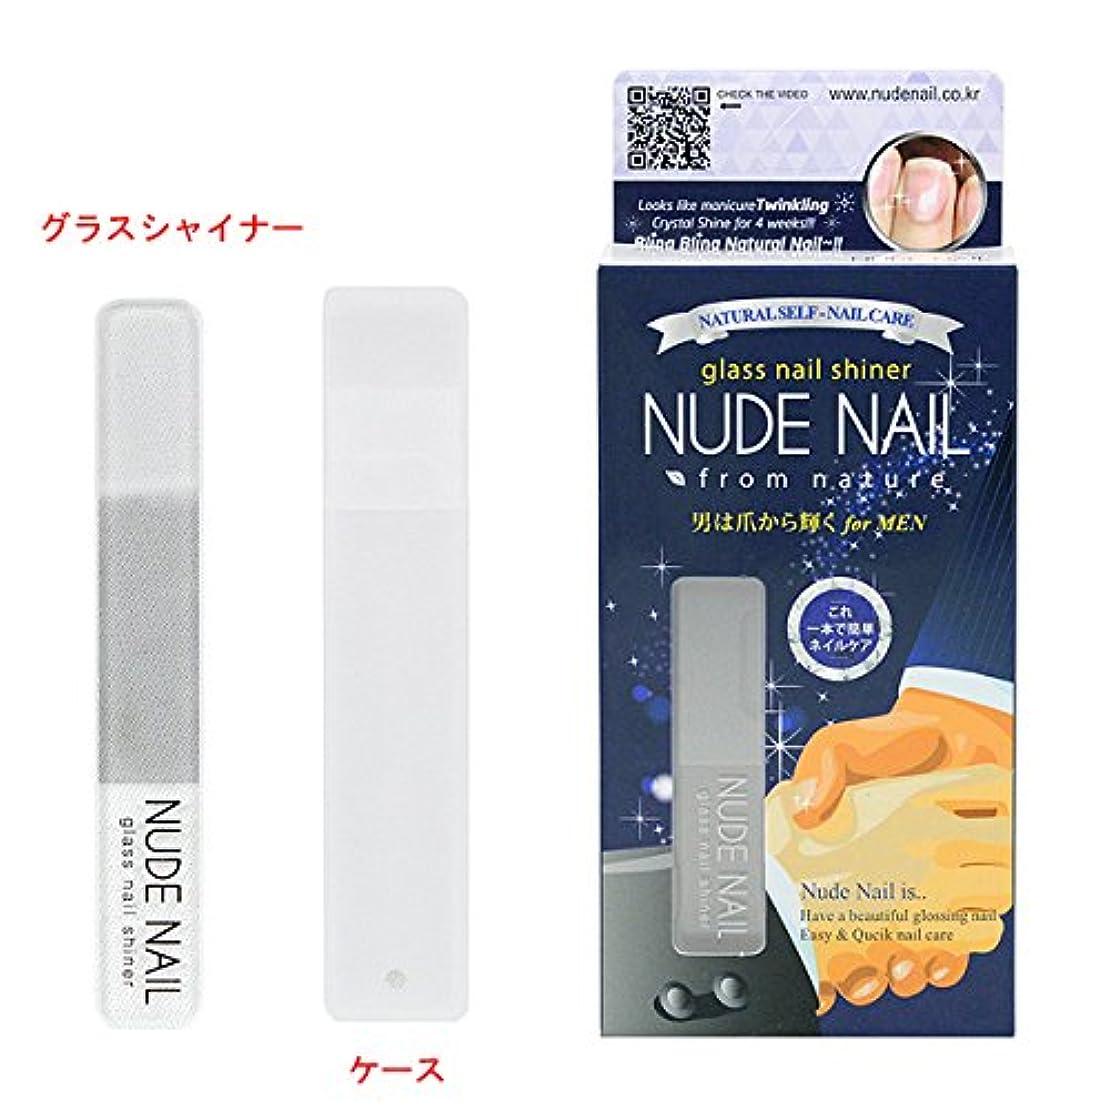 コーンウォール介入するメイエラNUDE NAIL ヌードネイル No:NDGS-TR802